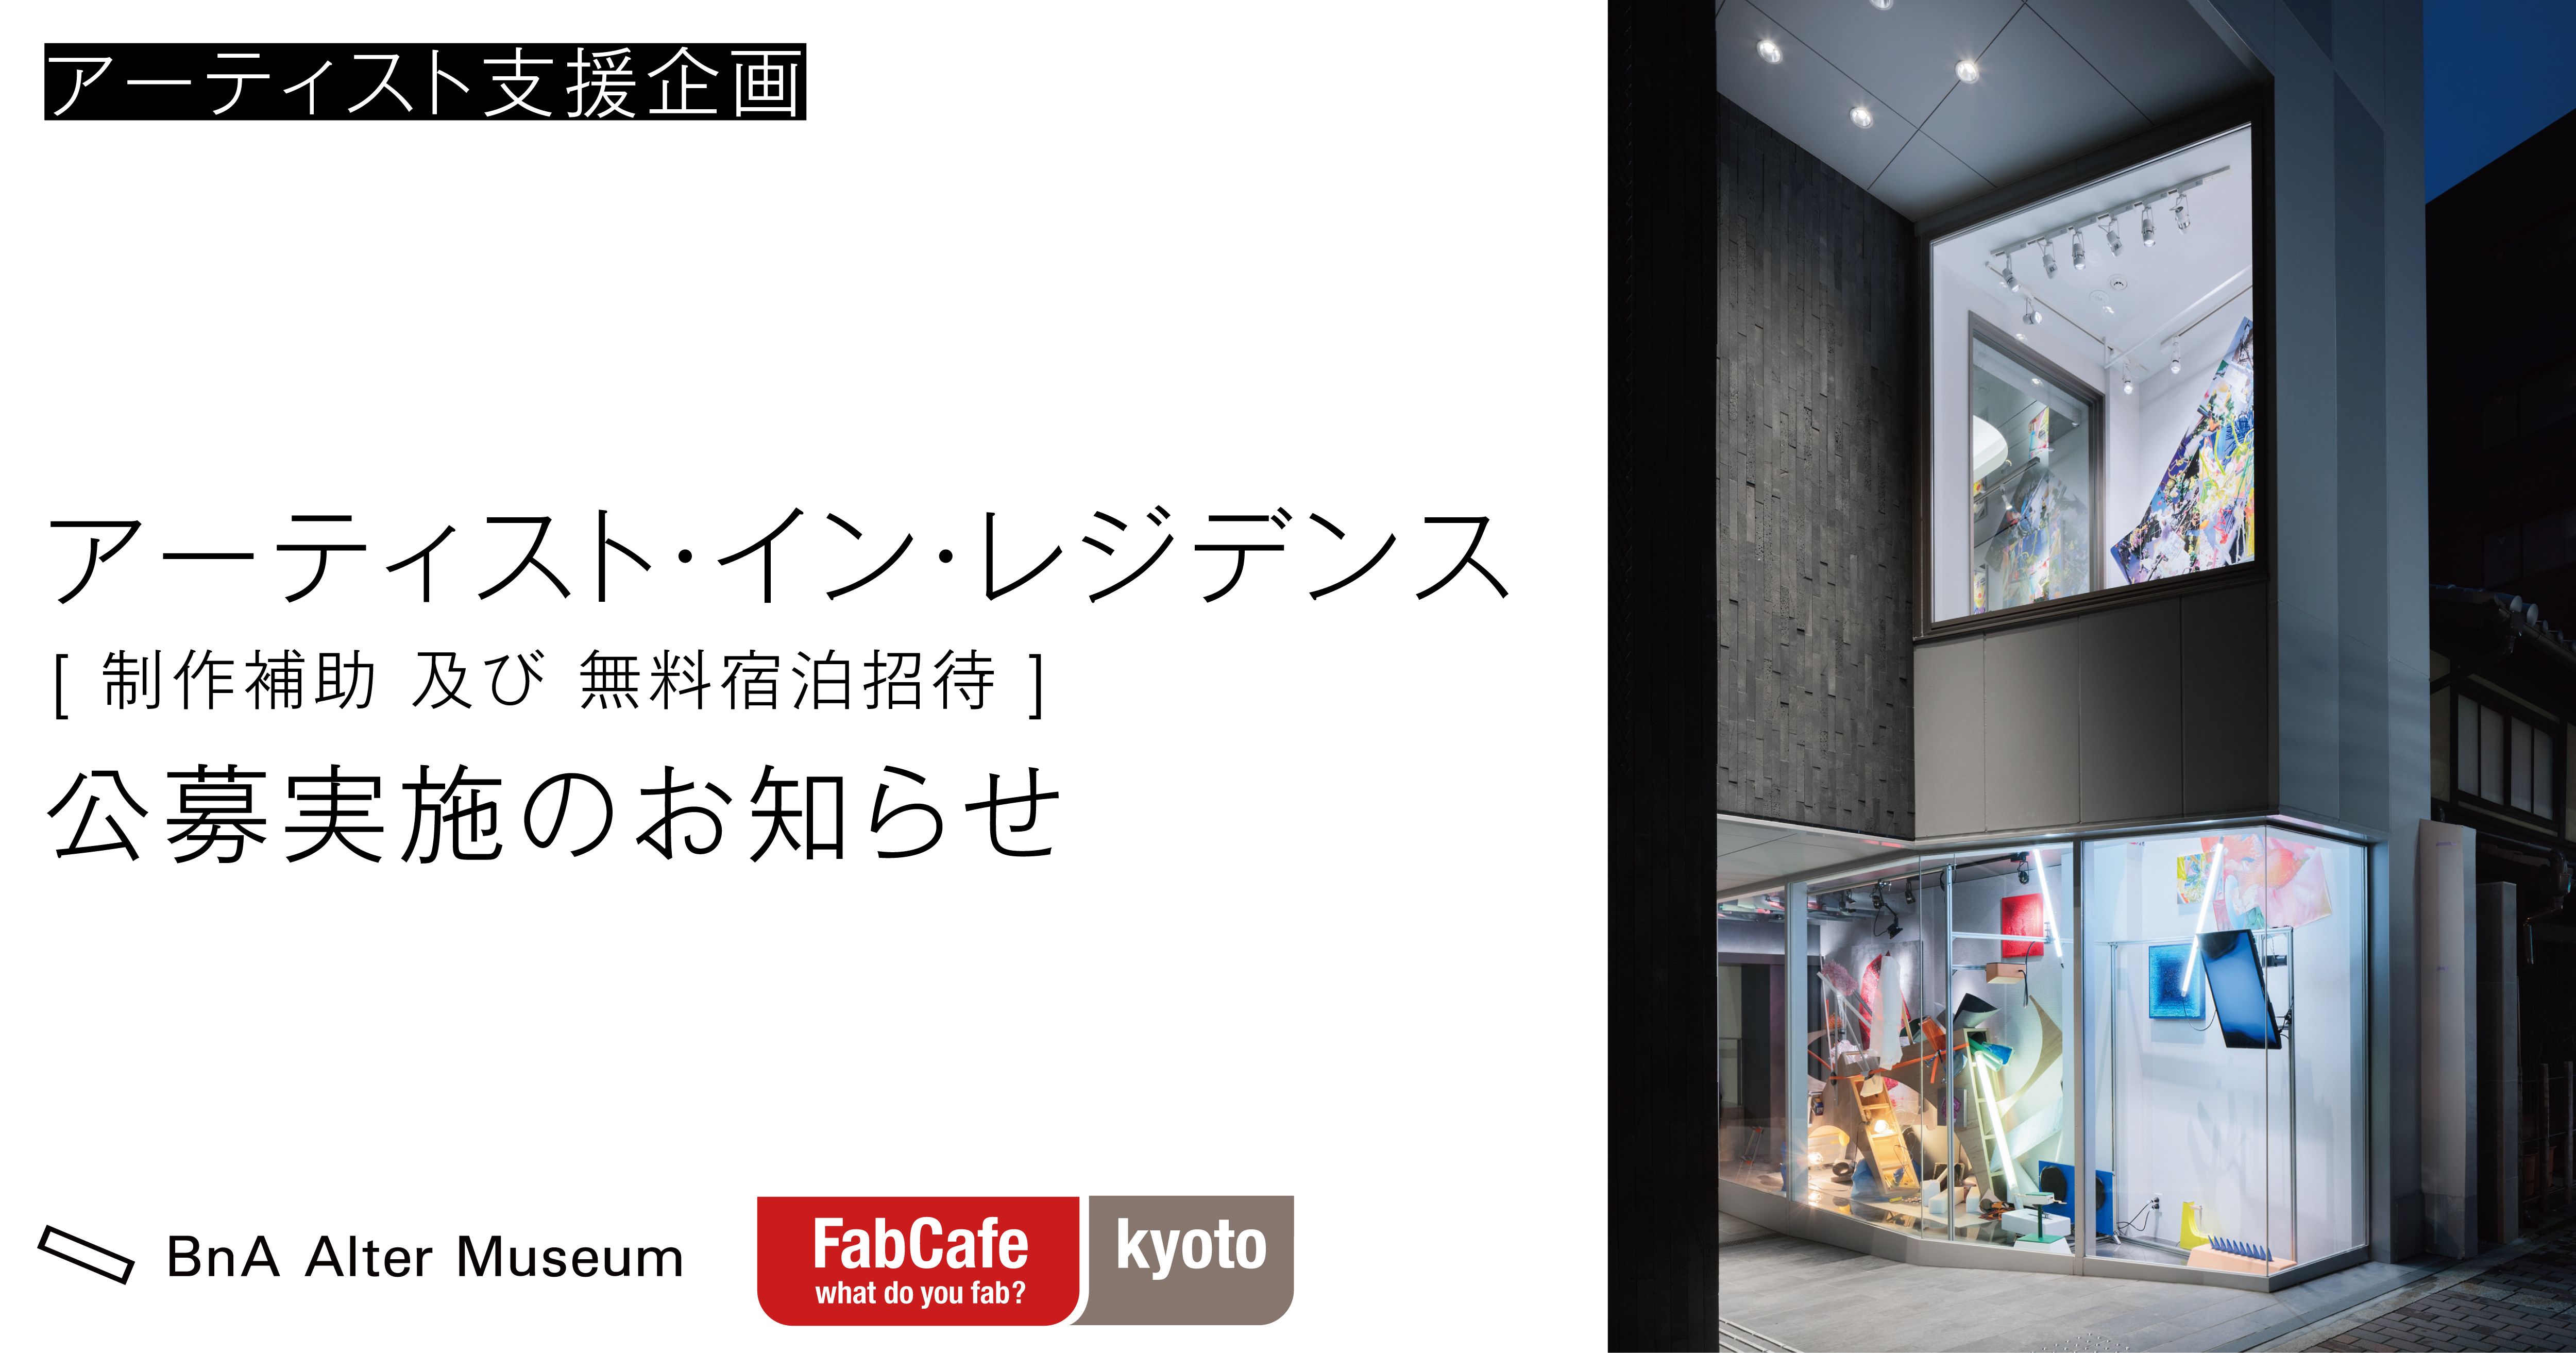 アートホテル、BnA Alter MuseumがFabCafe Kyotoと共同で「アーティスト・イン・レジデンス」を実施。最大1ヶ月の宿泊招待に加えて、展示プログラムなどの支援を実施。   朝日新聞デジタル&M(アンド・エム)